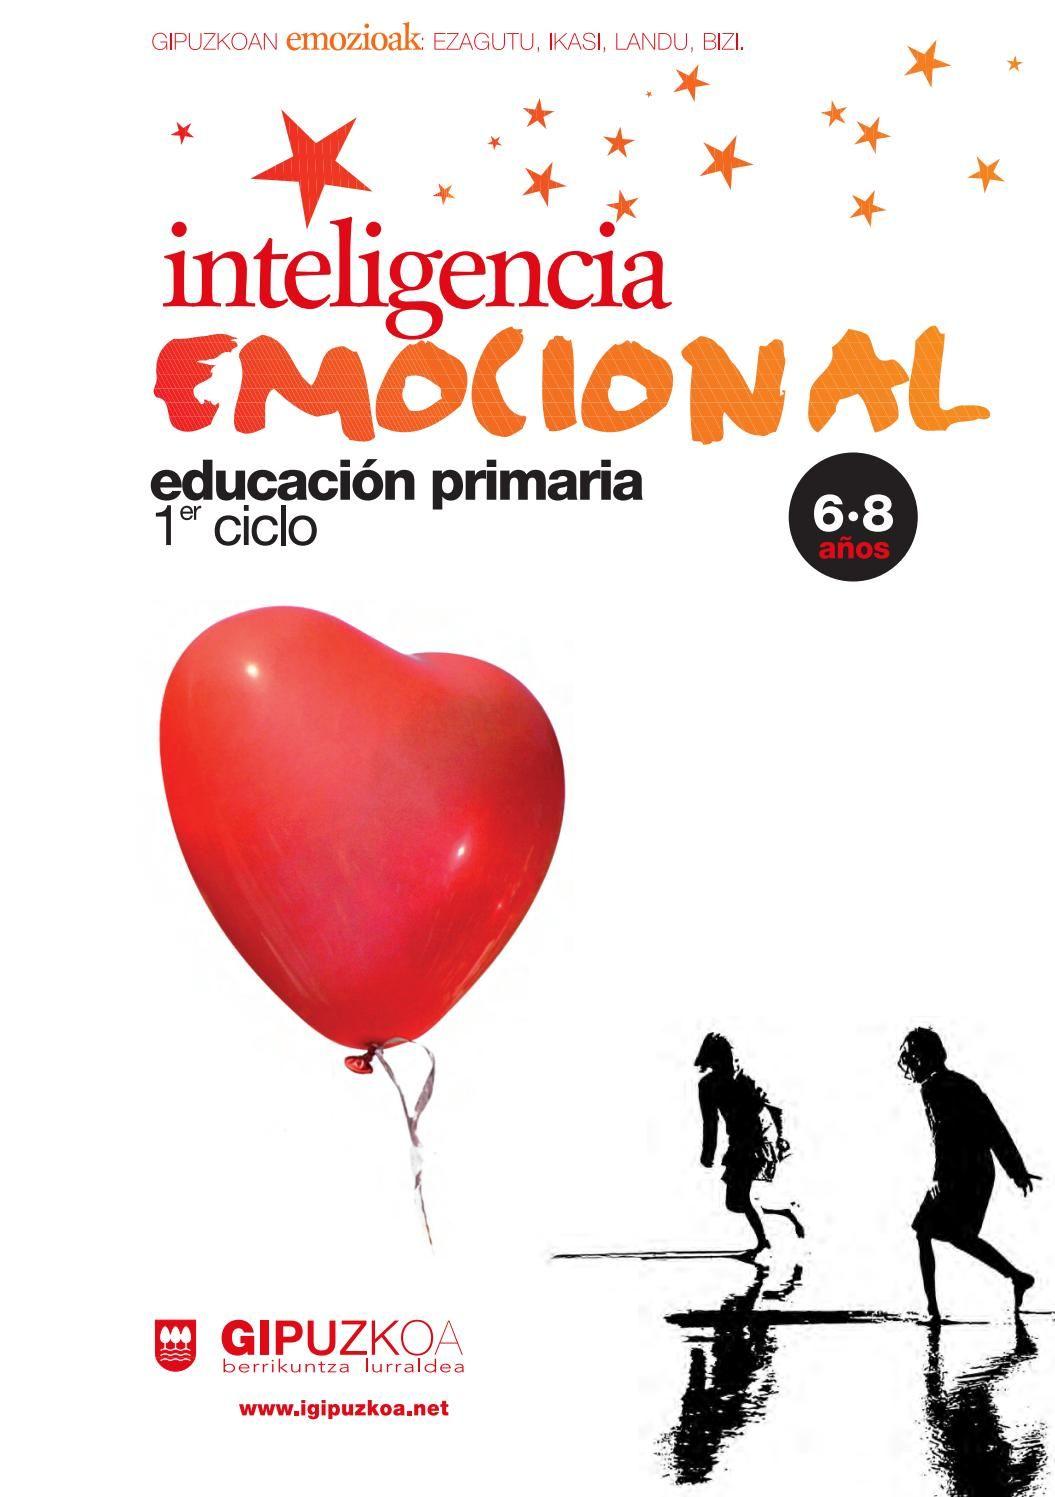 Primaria 6 8 años  Este es un programa práctico y orientativo, así como transversal, para el desarrollo de la Inteligencia emocional desde la acción tutorial.